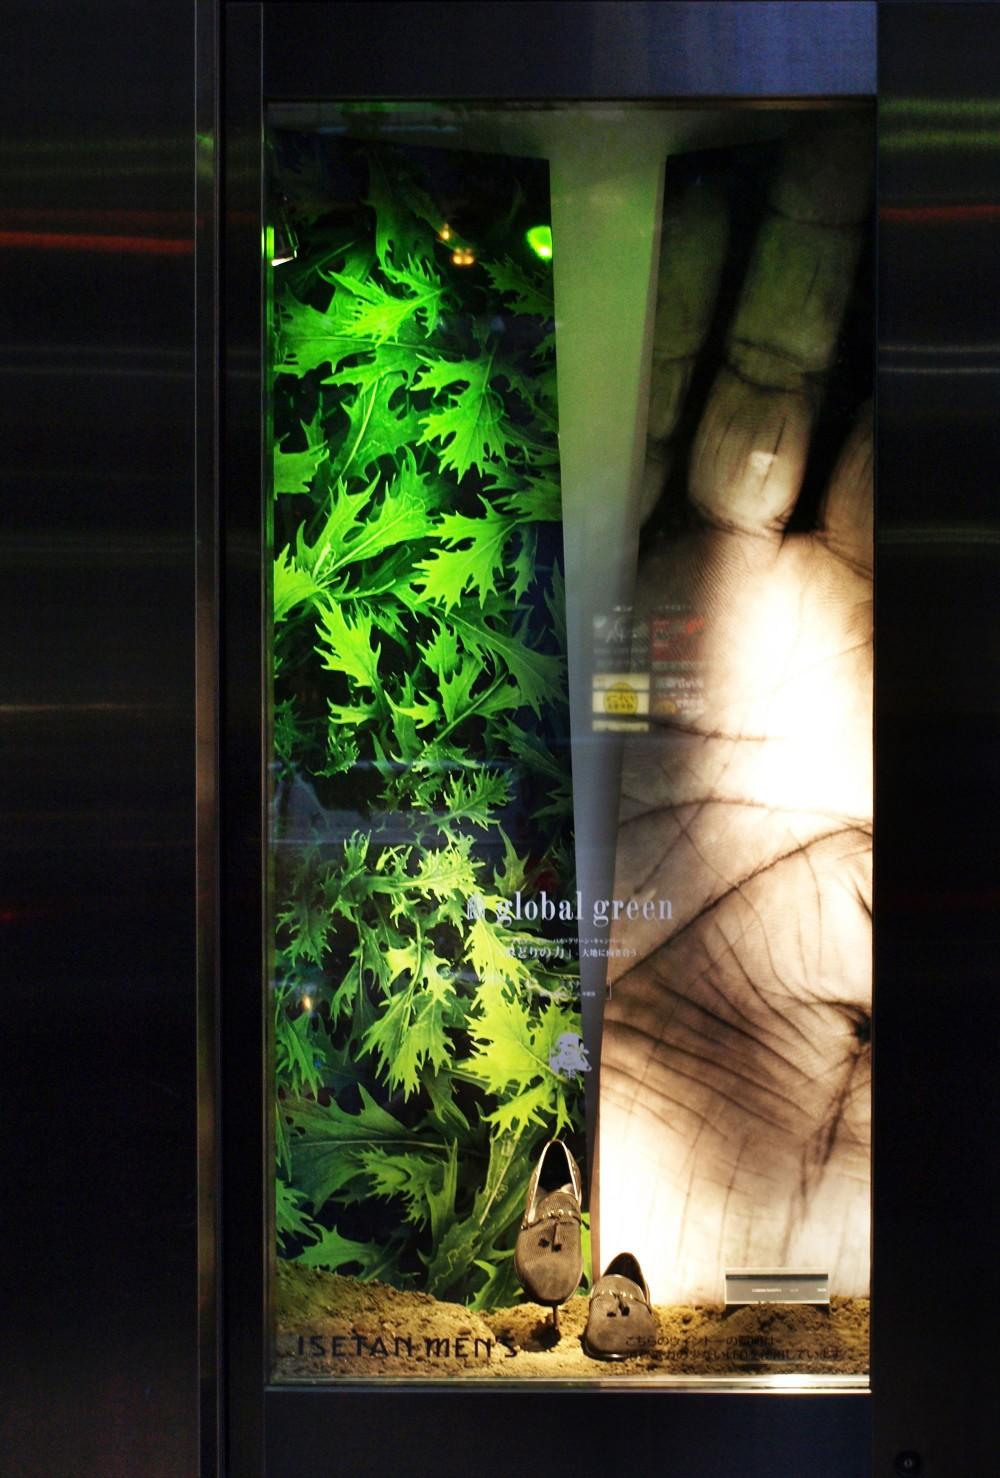 Global Green 2012